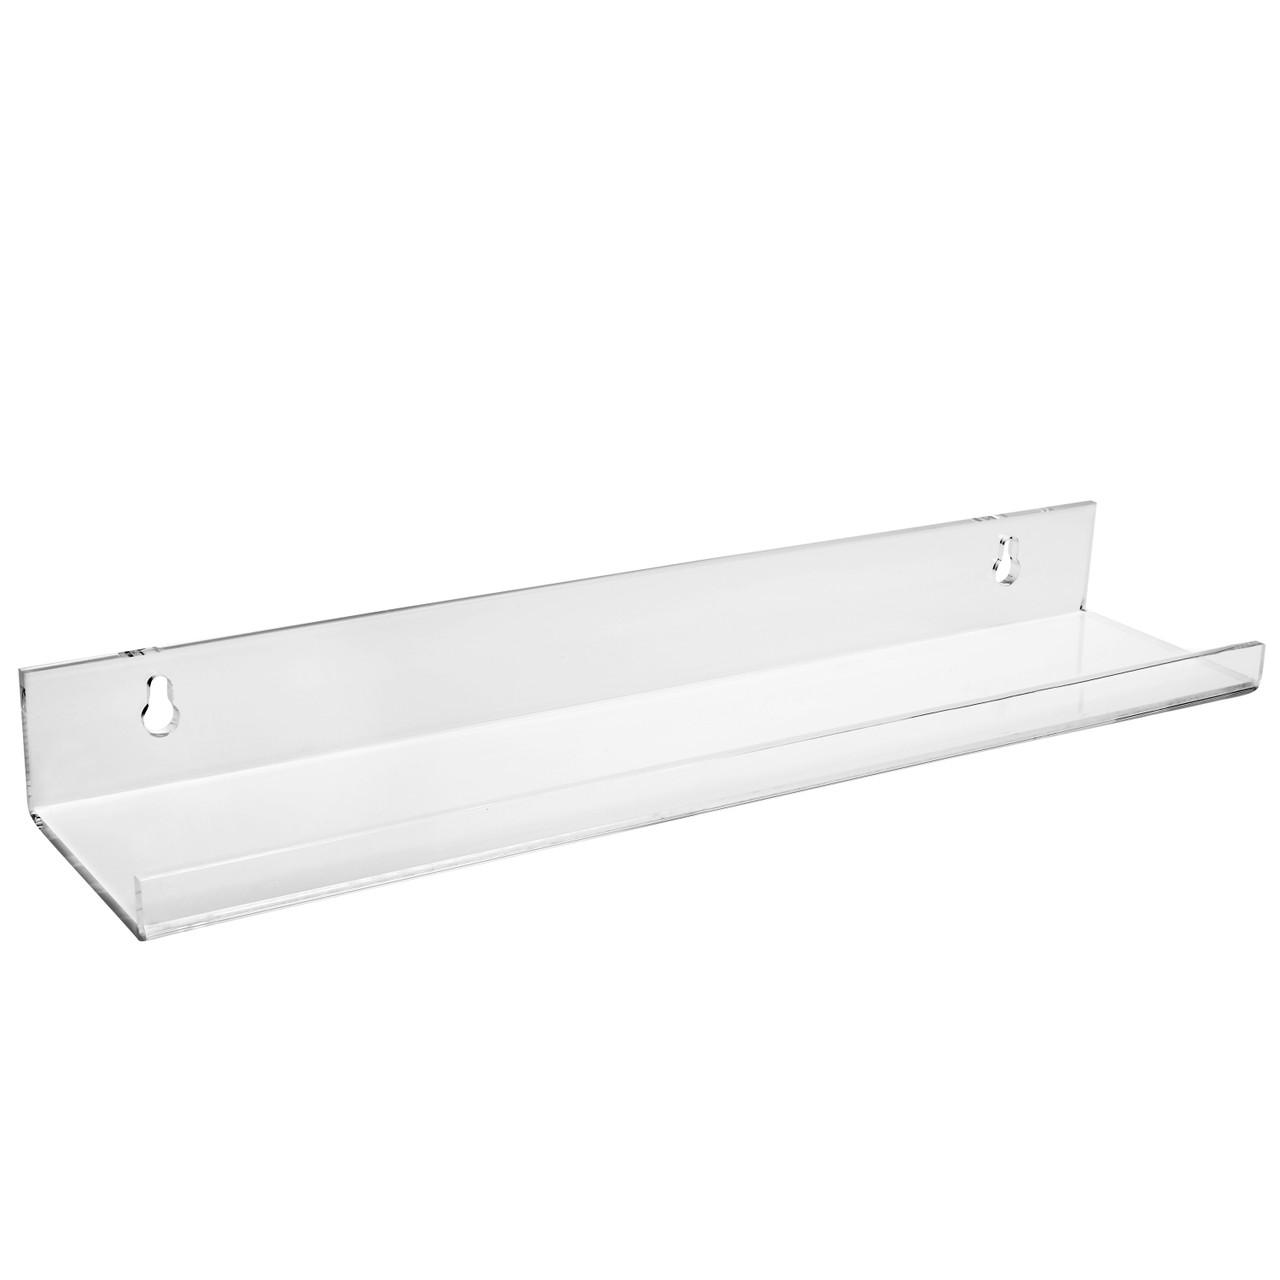 15 Acrylic Floating Wall Mounting Shelf